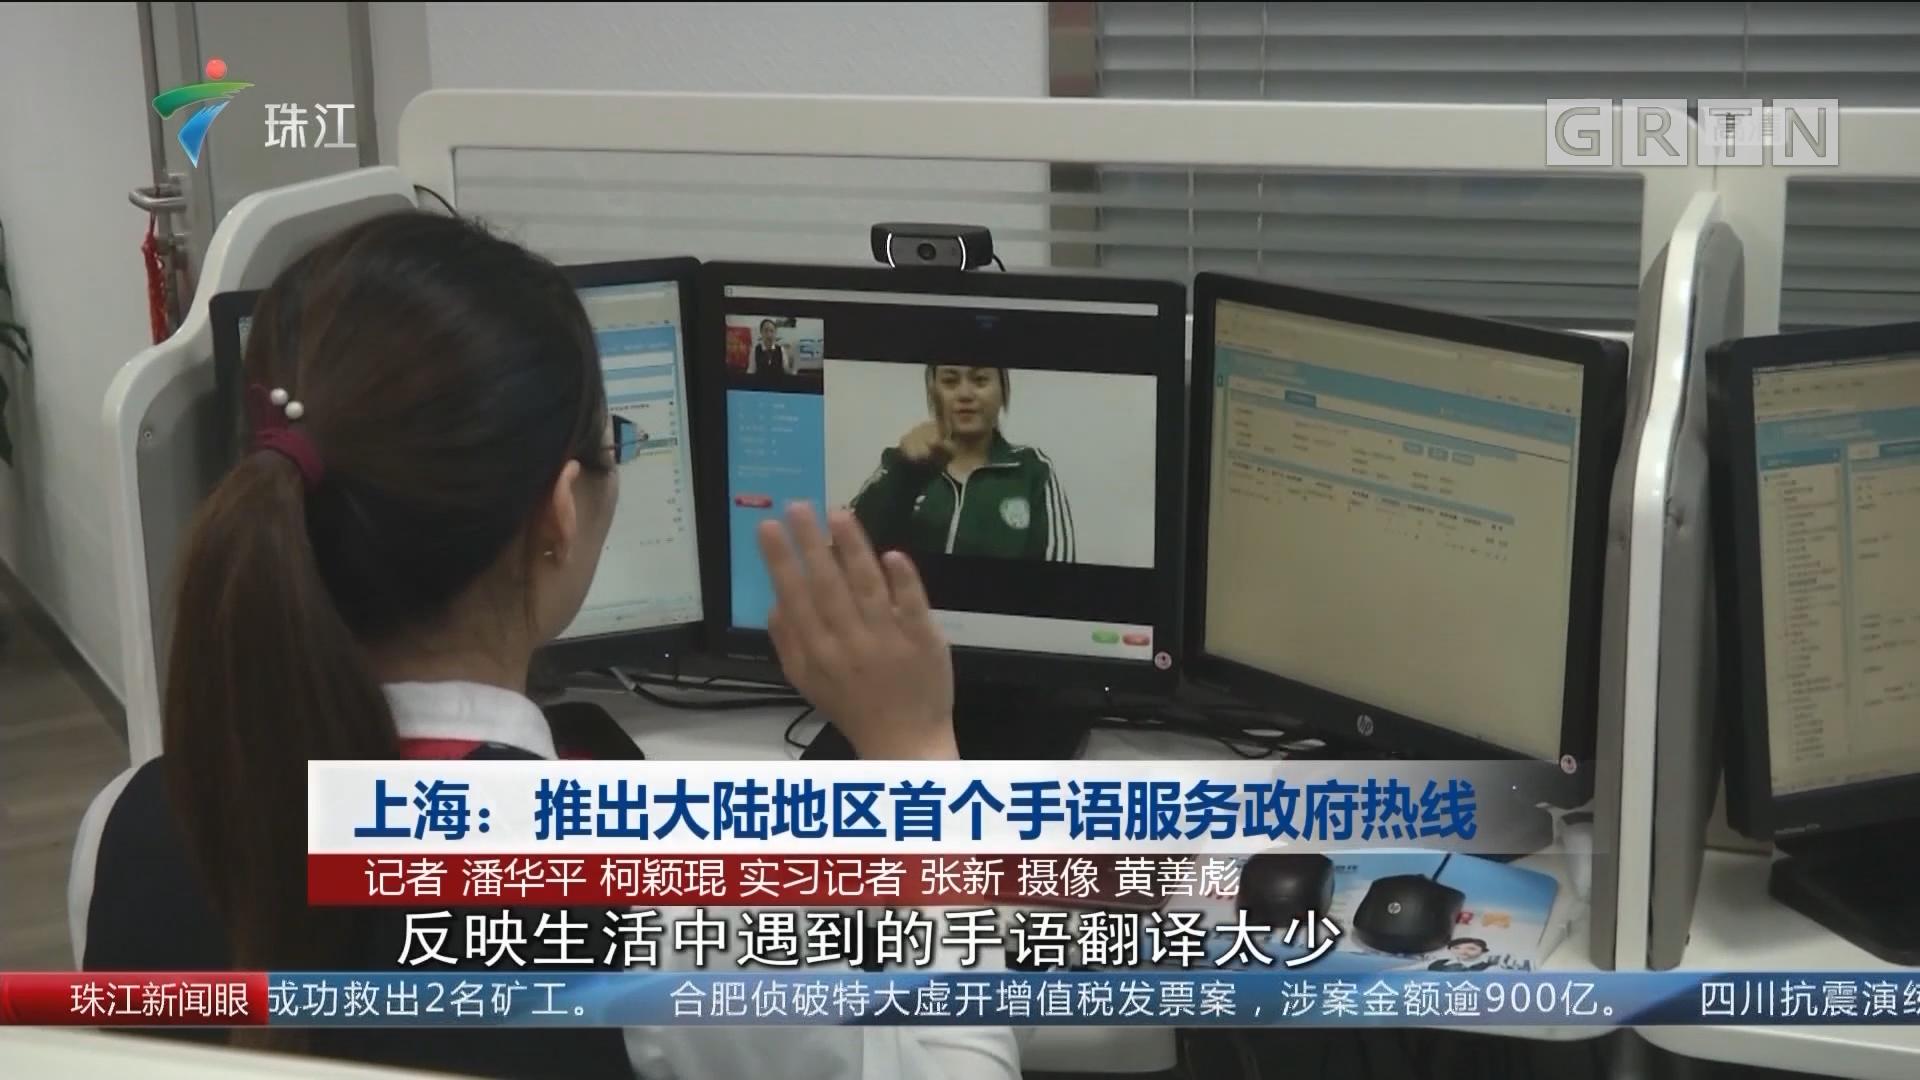 上海:推出大陸地區首個手語服務政府熱線